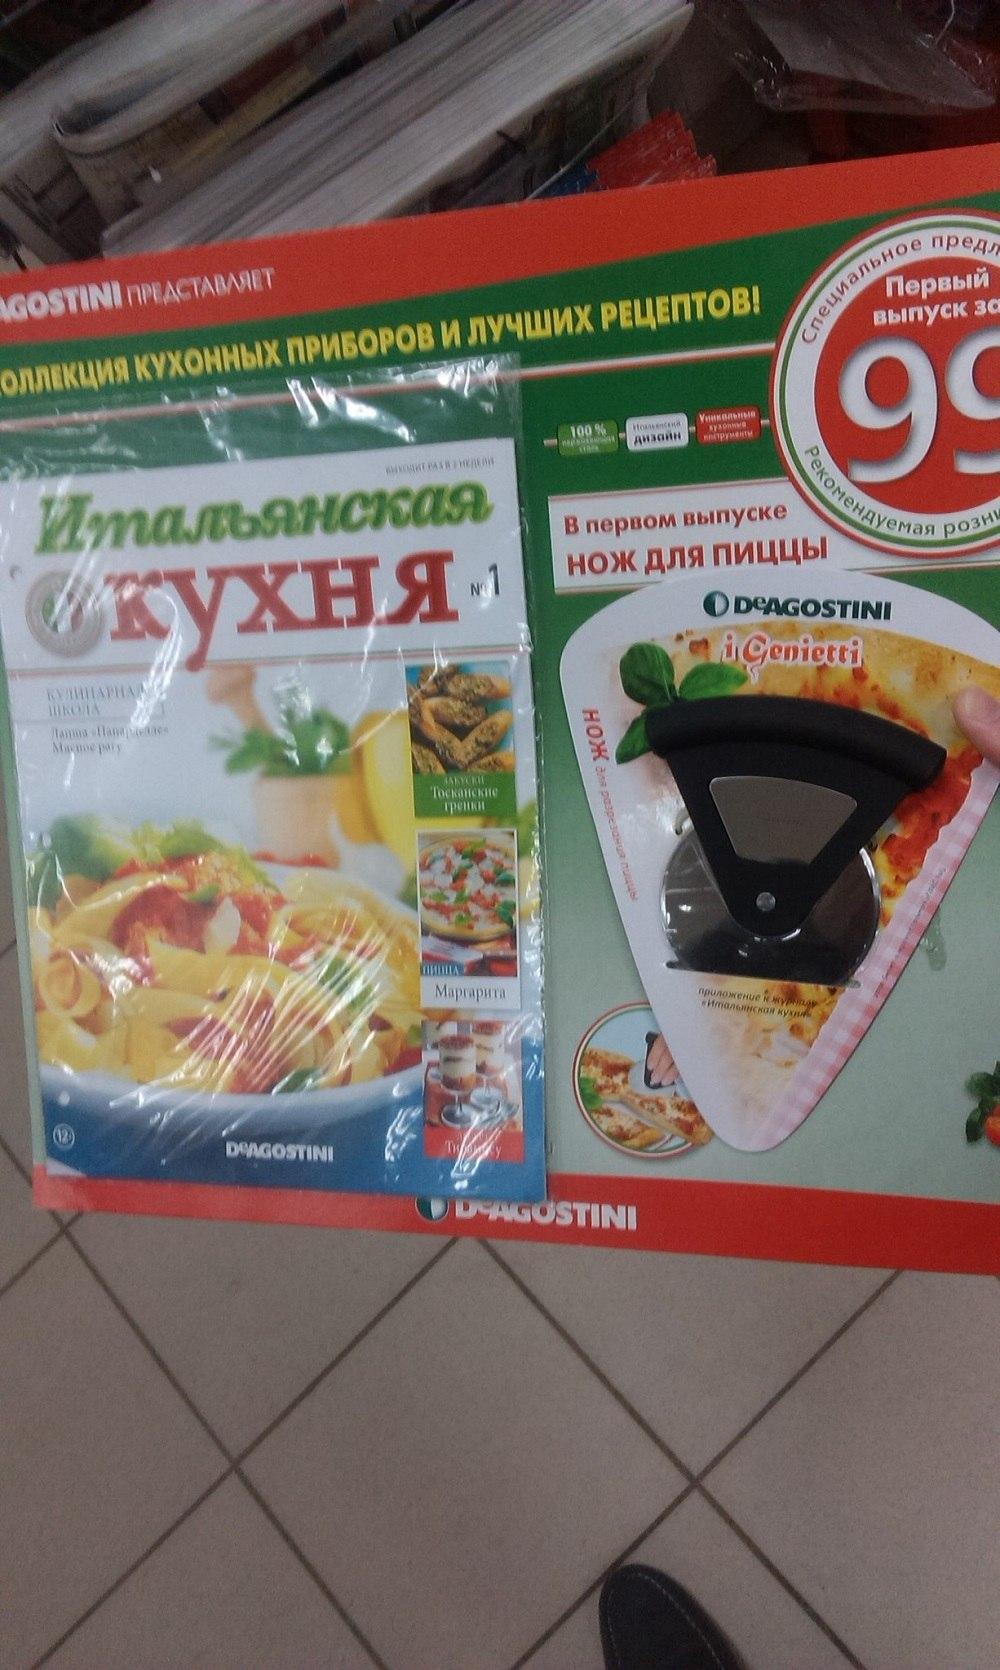 Итальянская кухня (коллекция кухонных приборов и лучших рецептов) - ДеАгостини - тест